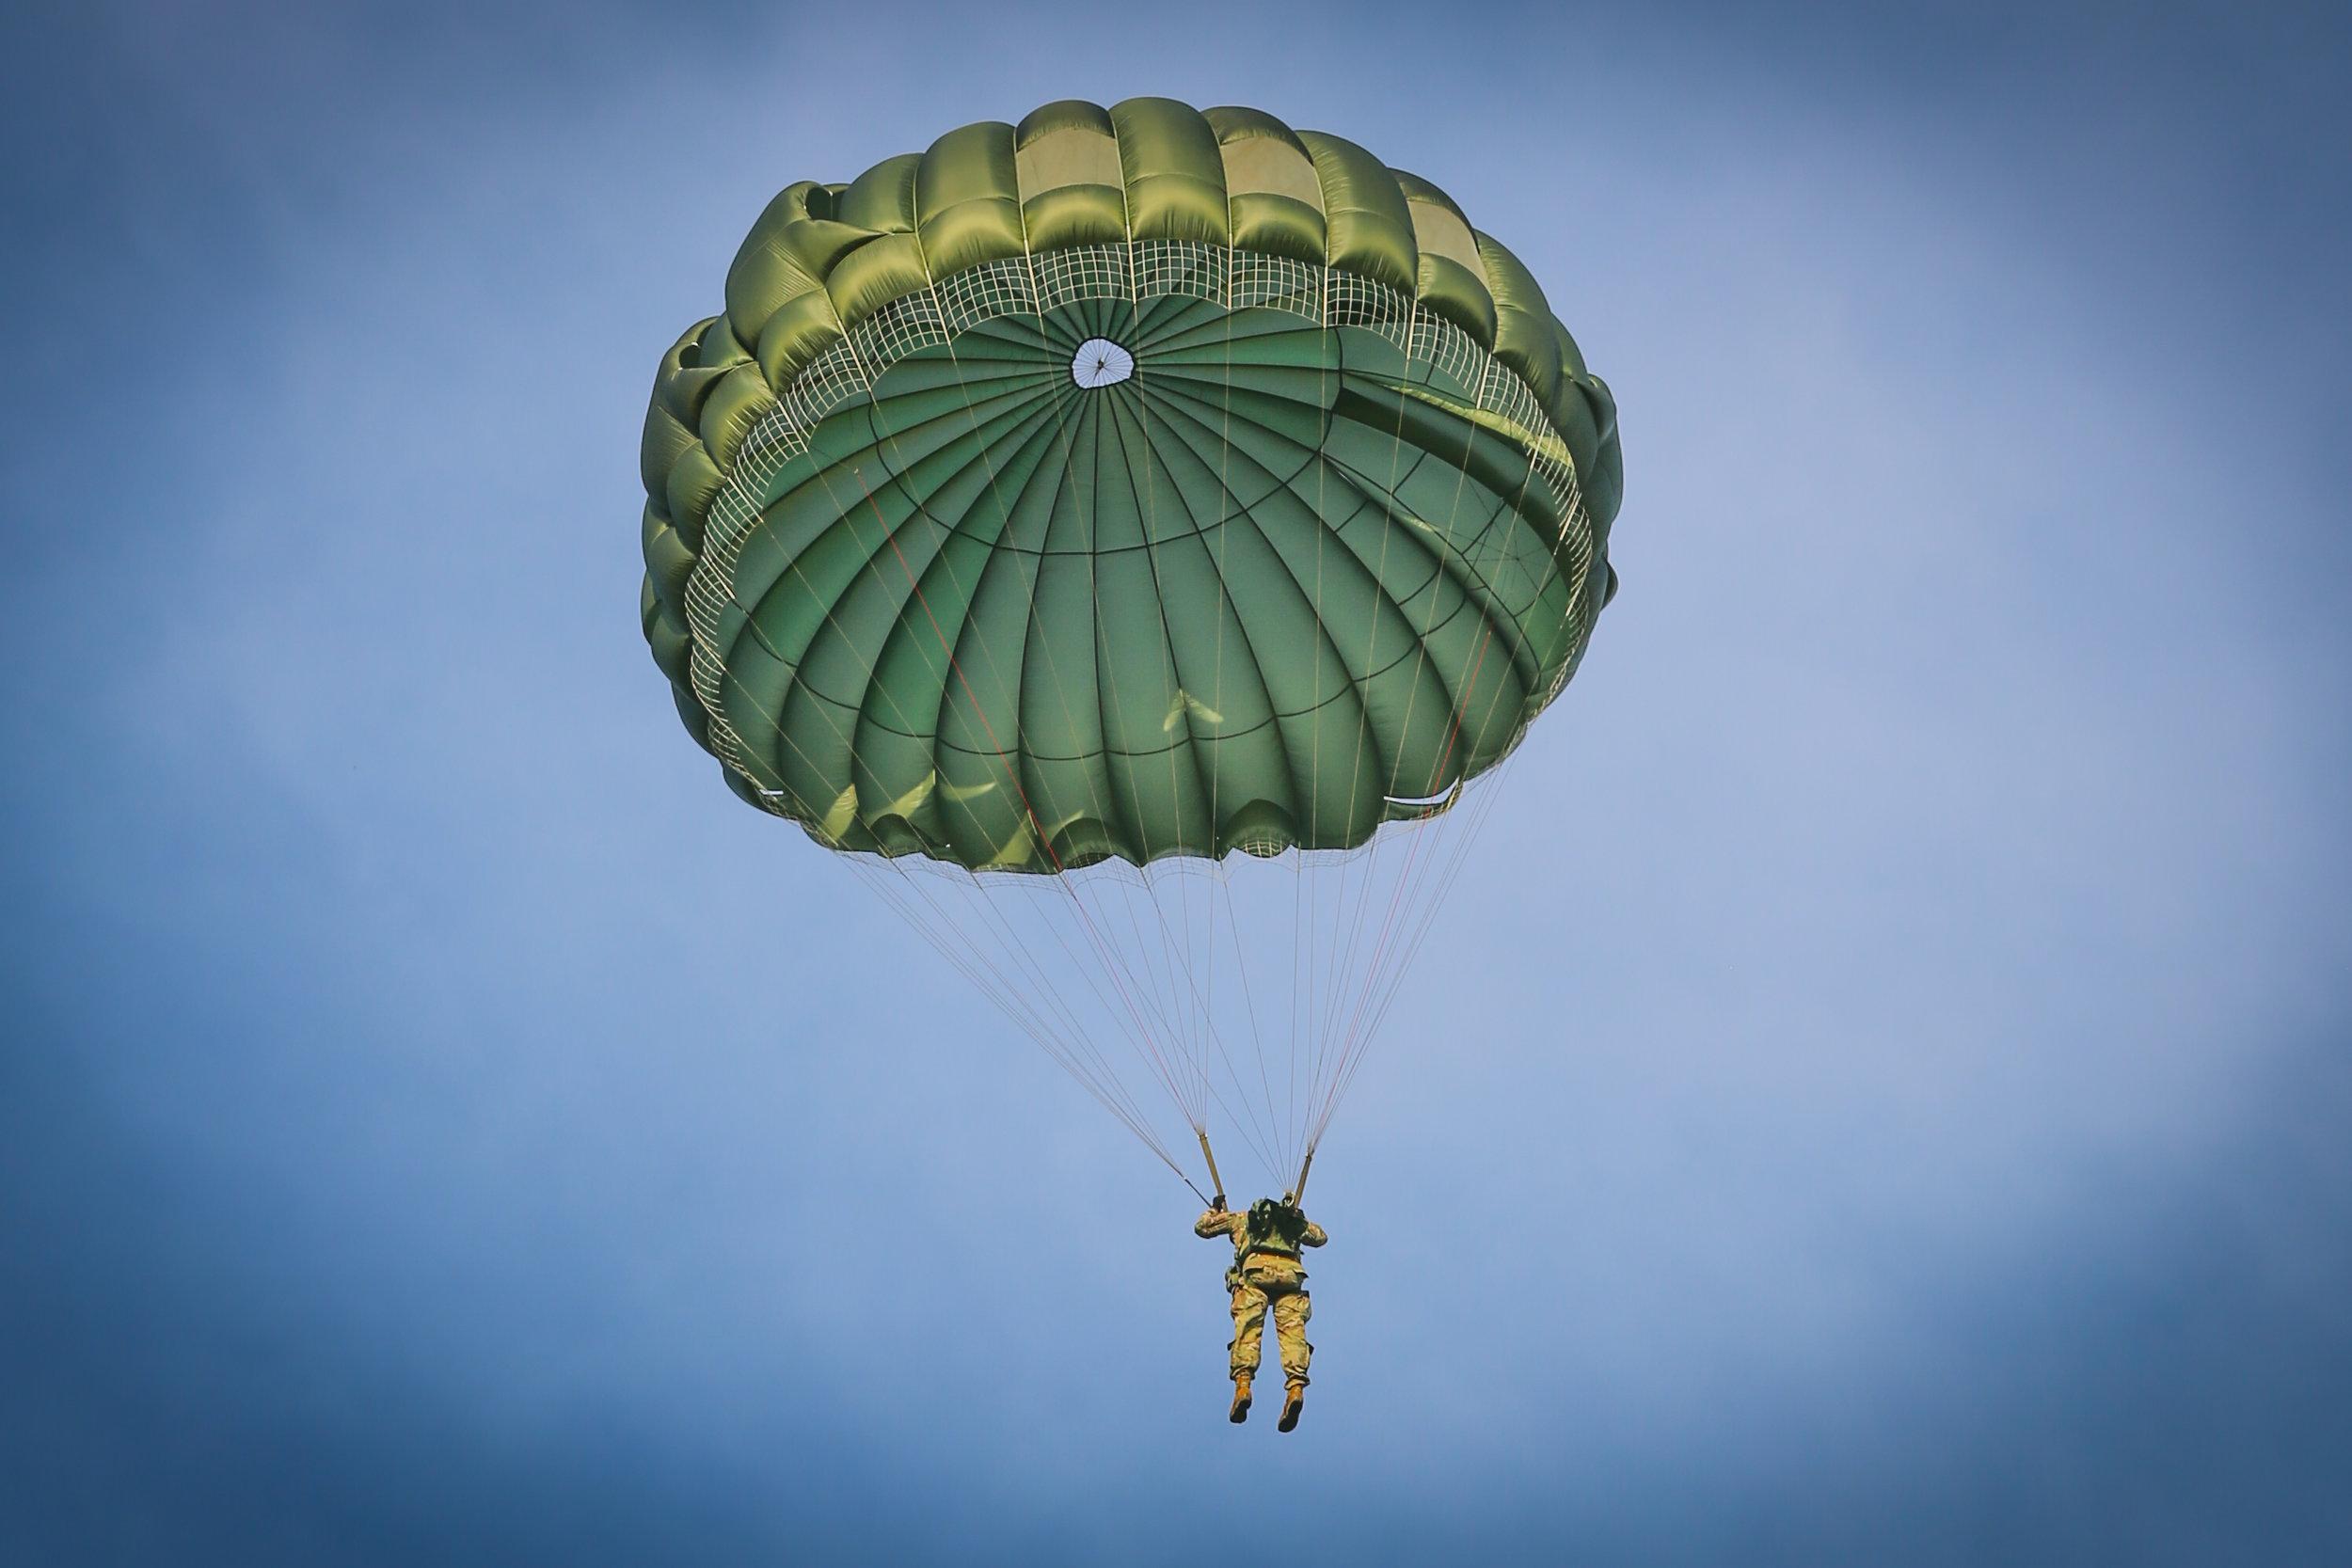 170812 - ParatrooperAugustSet3-1095 (54).jpg